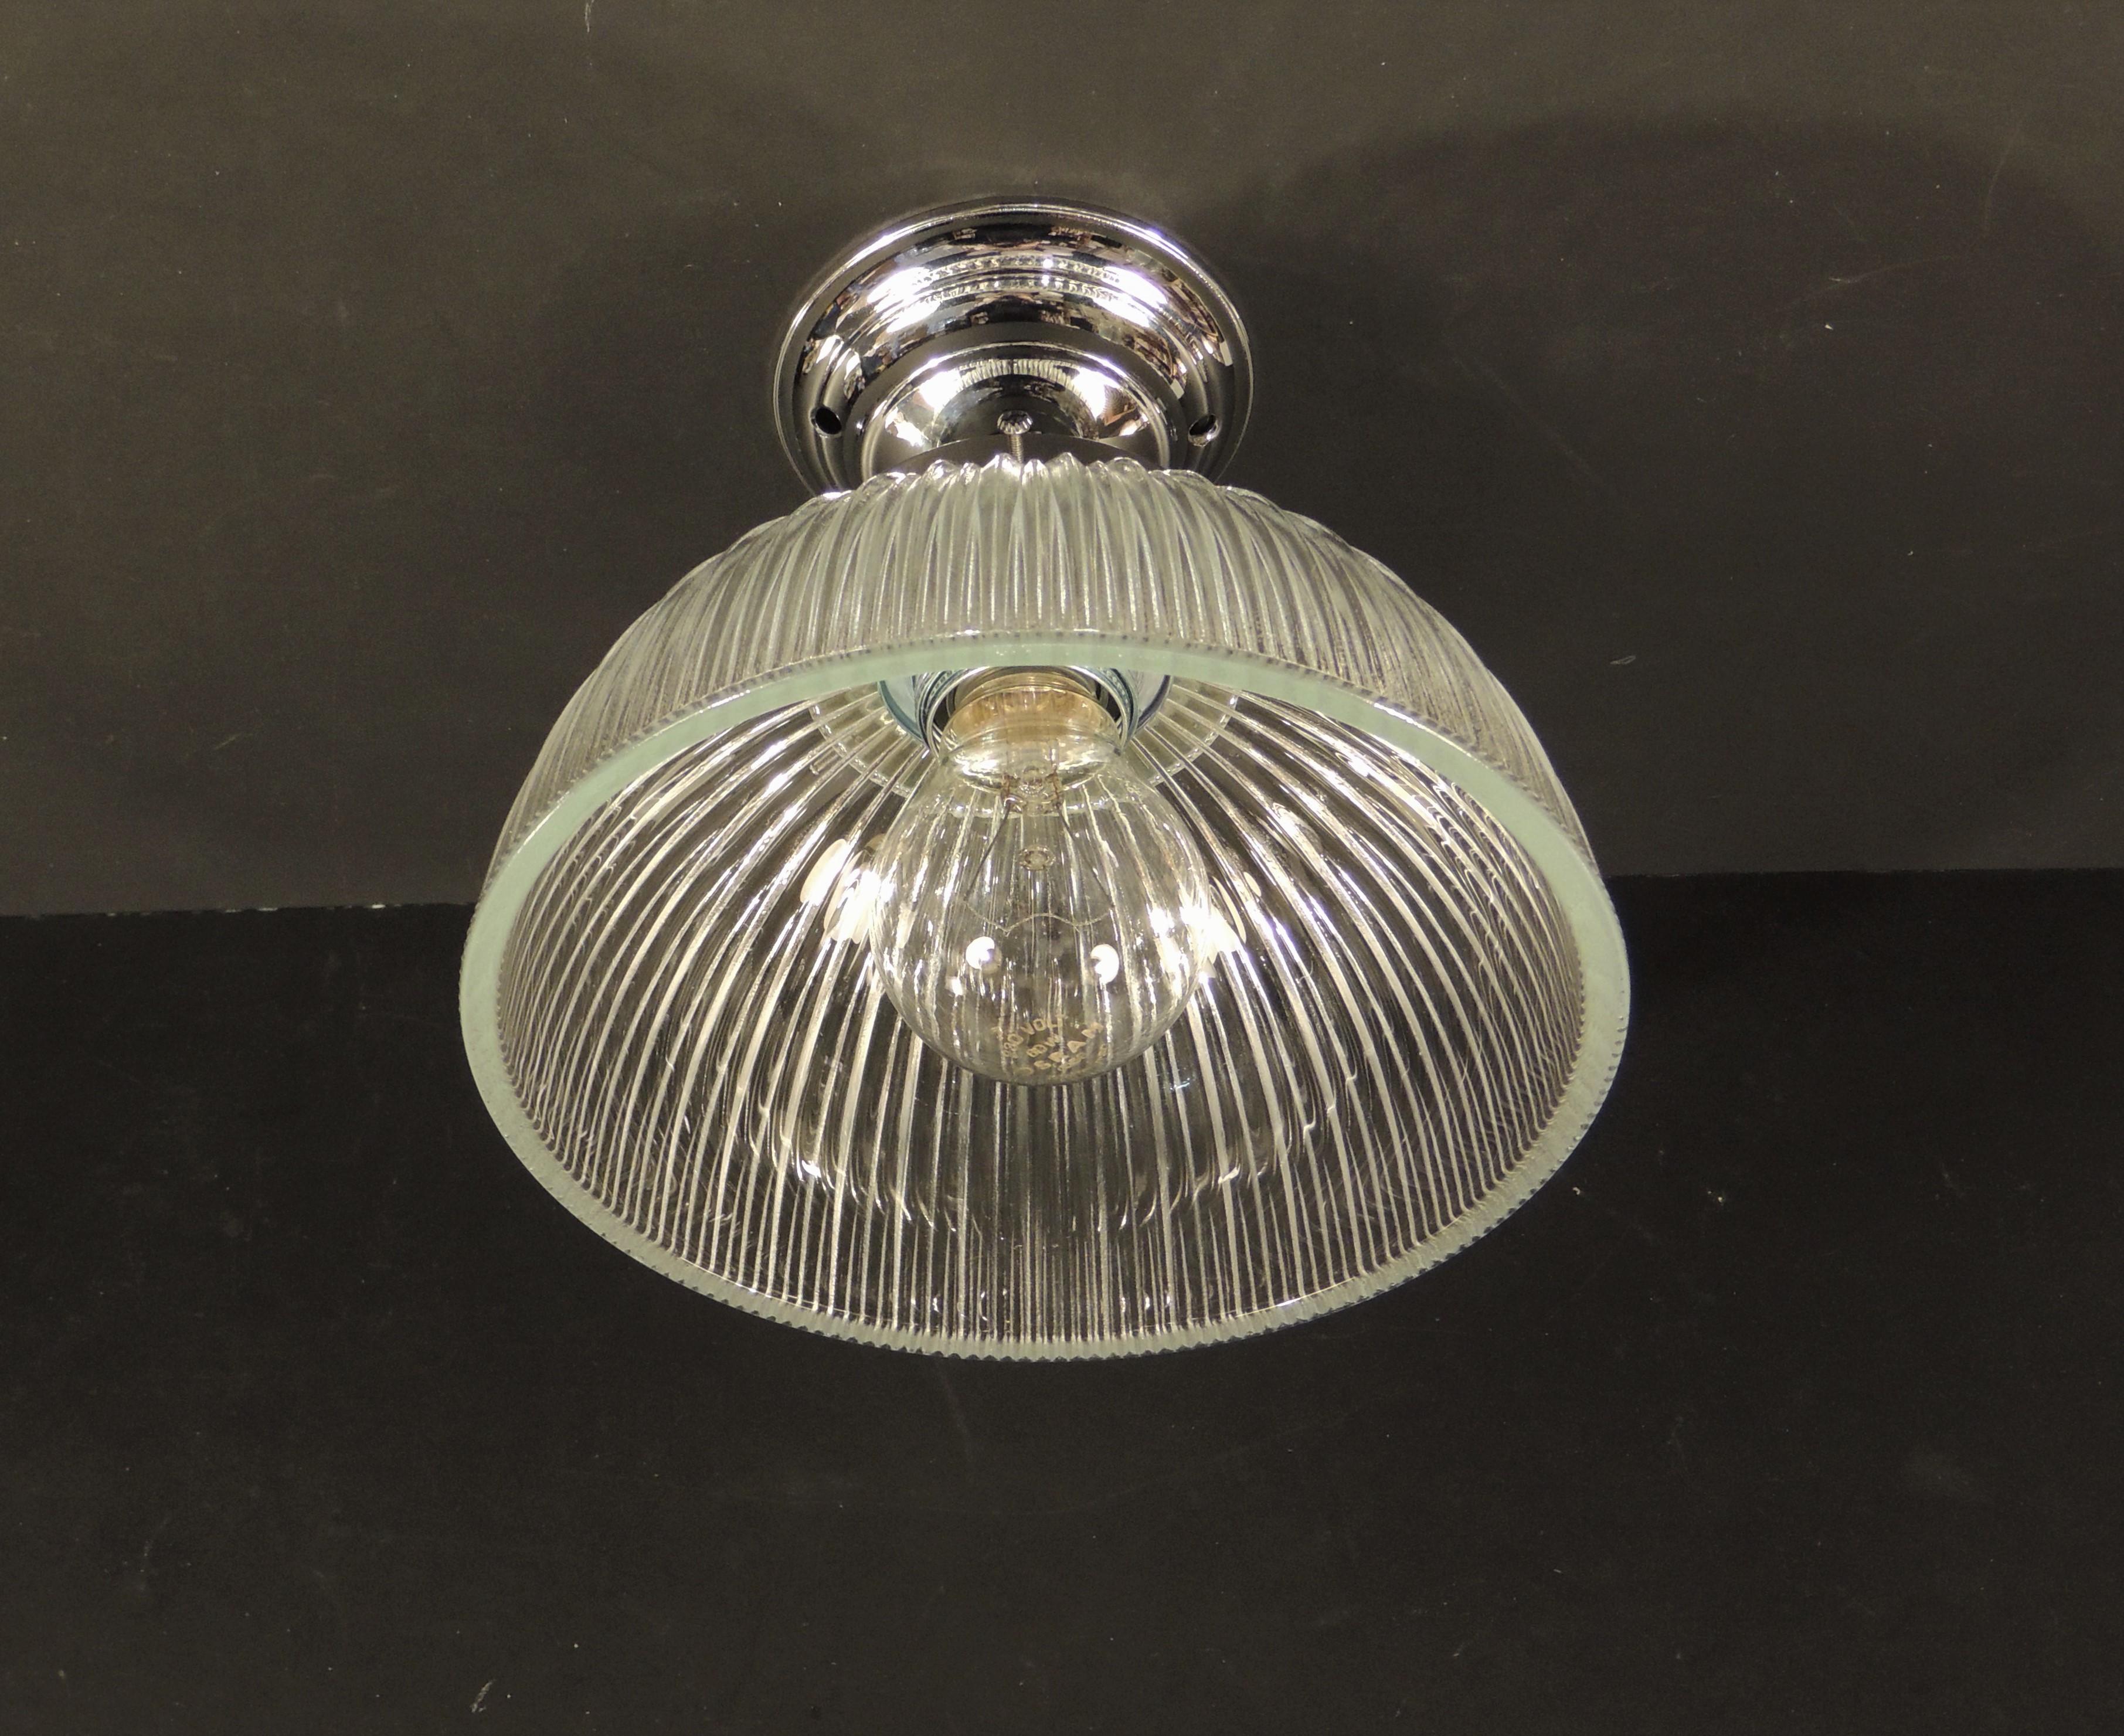 Plafoniere In Vetro Per Lampadari : Vetri di ricambio per lampadari vetro prismato Ø mm v b